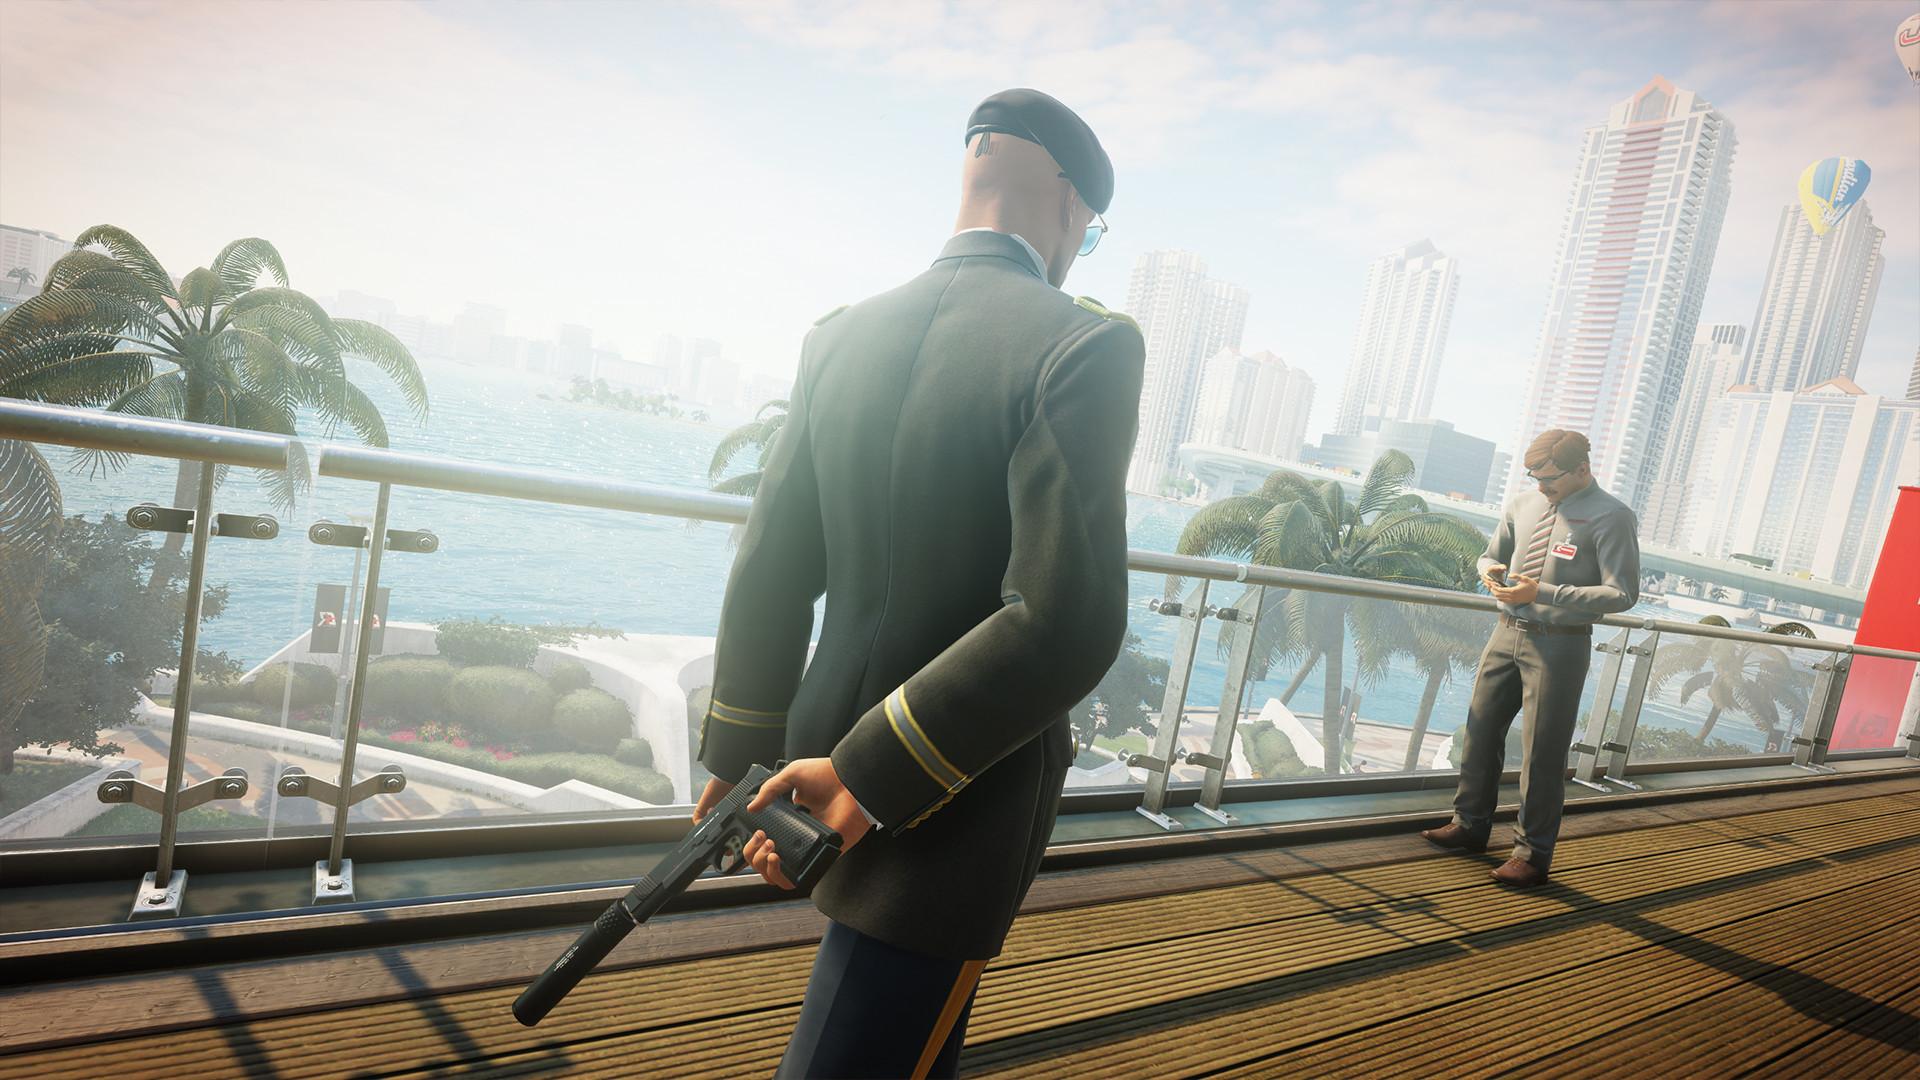 В новом трейлере Hitman 2 рассказали, как креативно убить врага